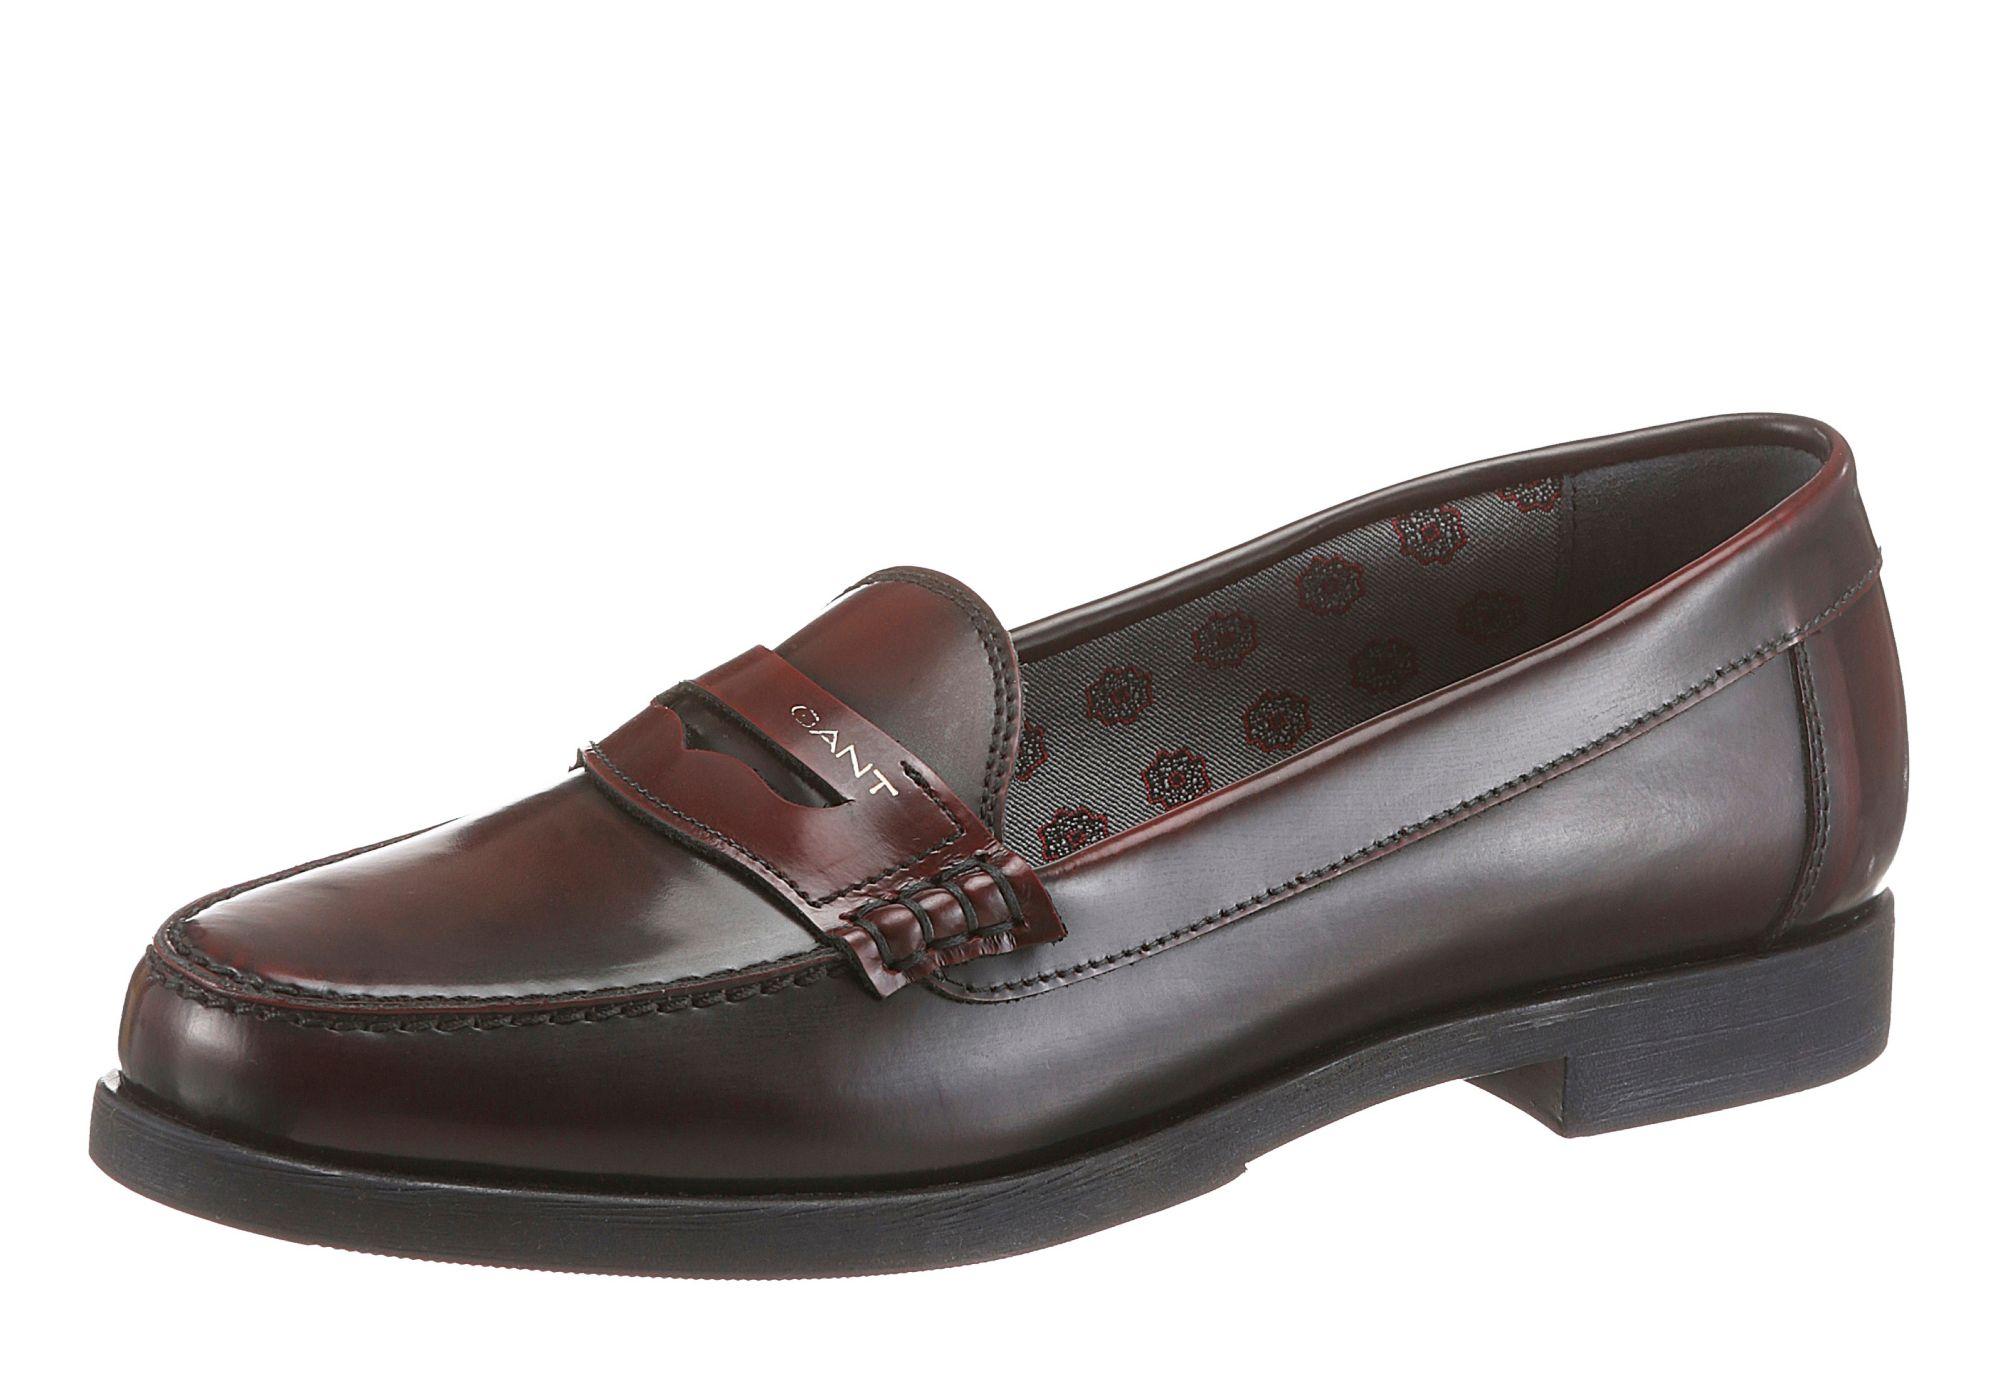 GANT FOOTWEAR Gant Footwear Slipper